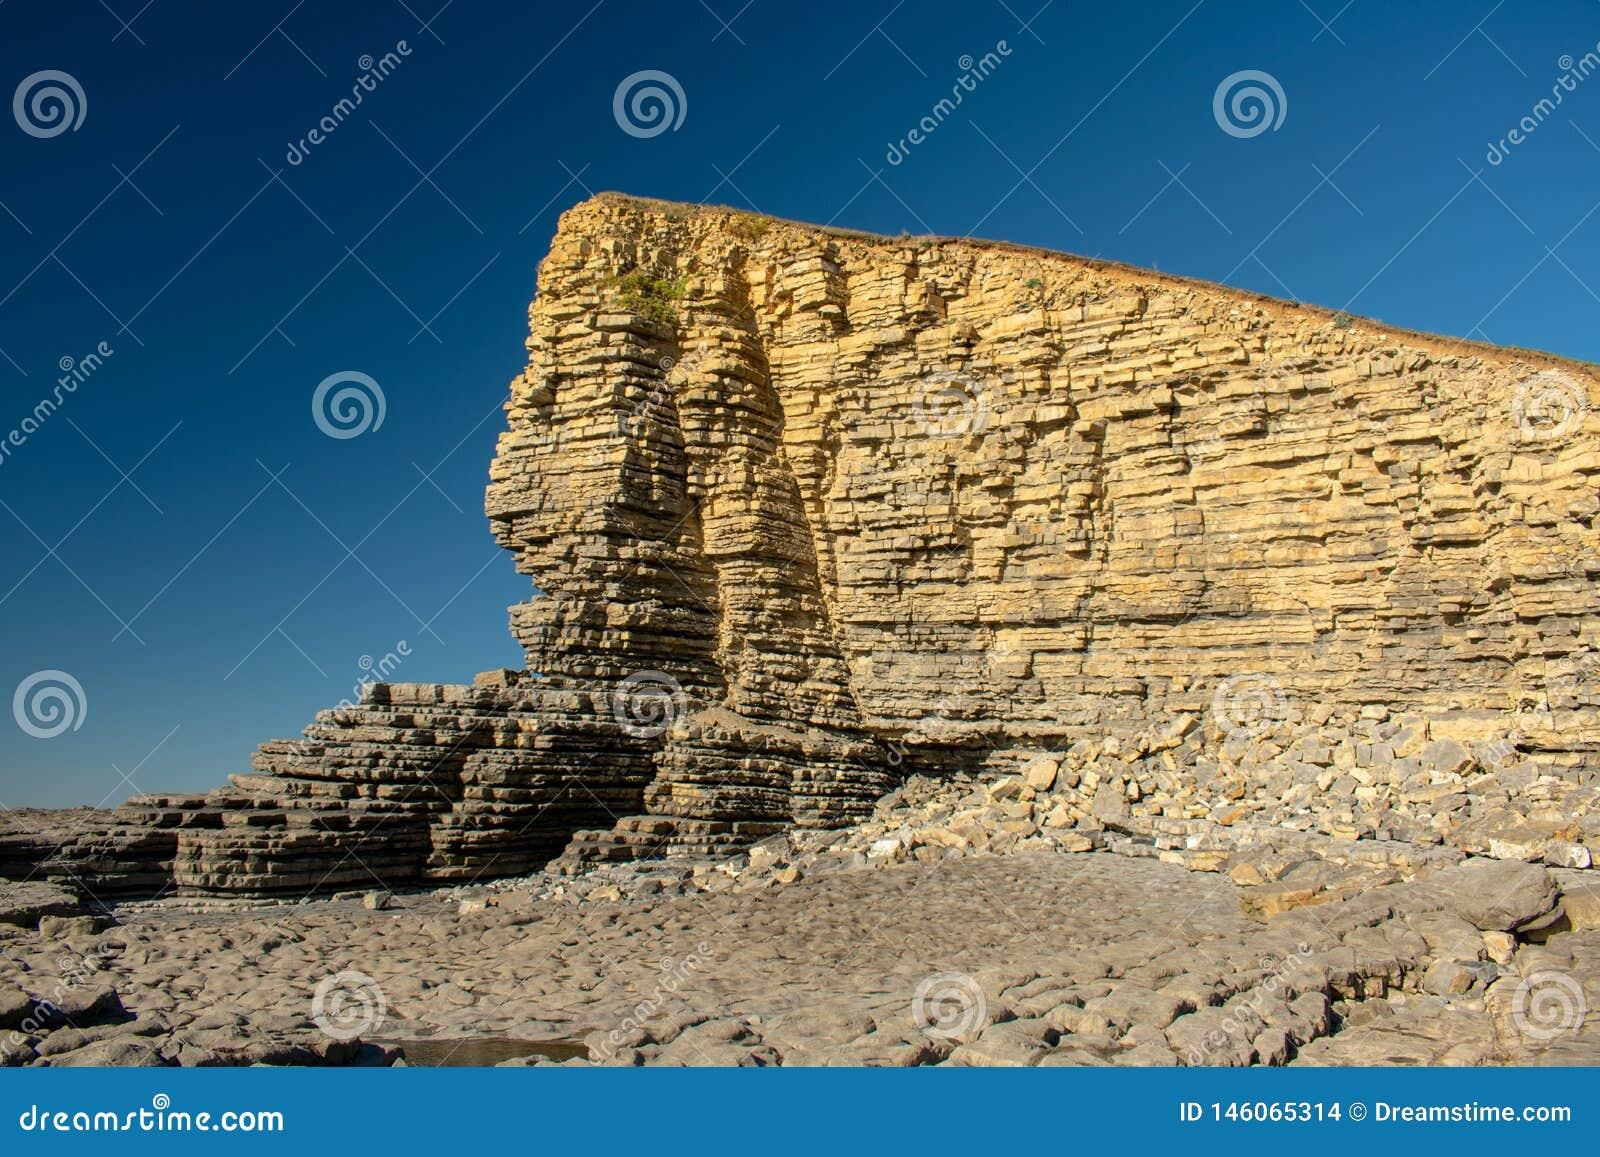 Formación de roca en Nash Point, País de Gales